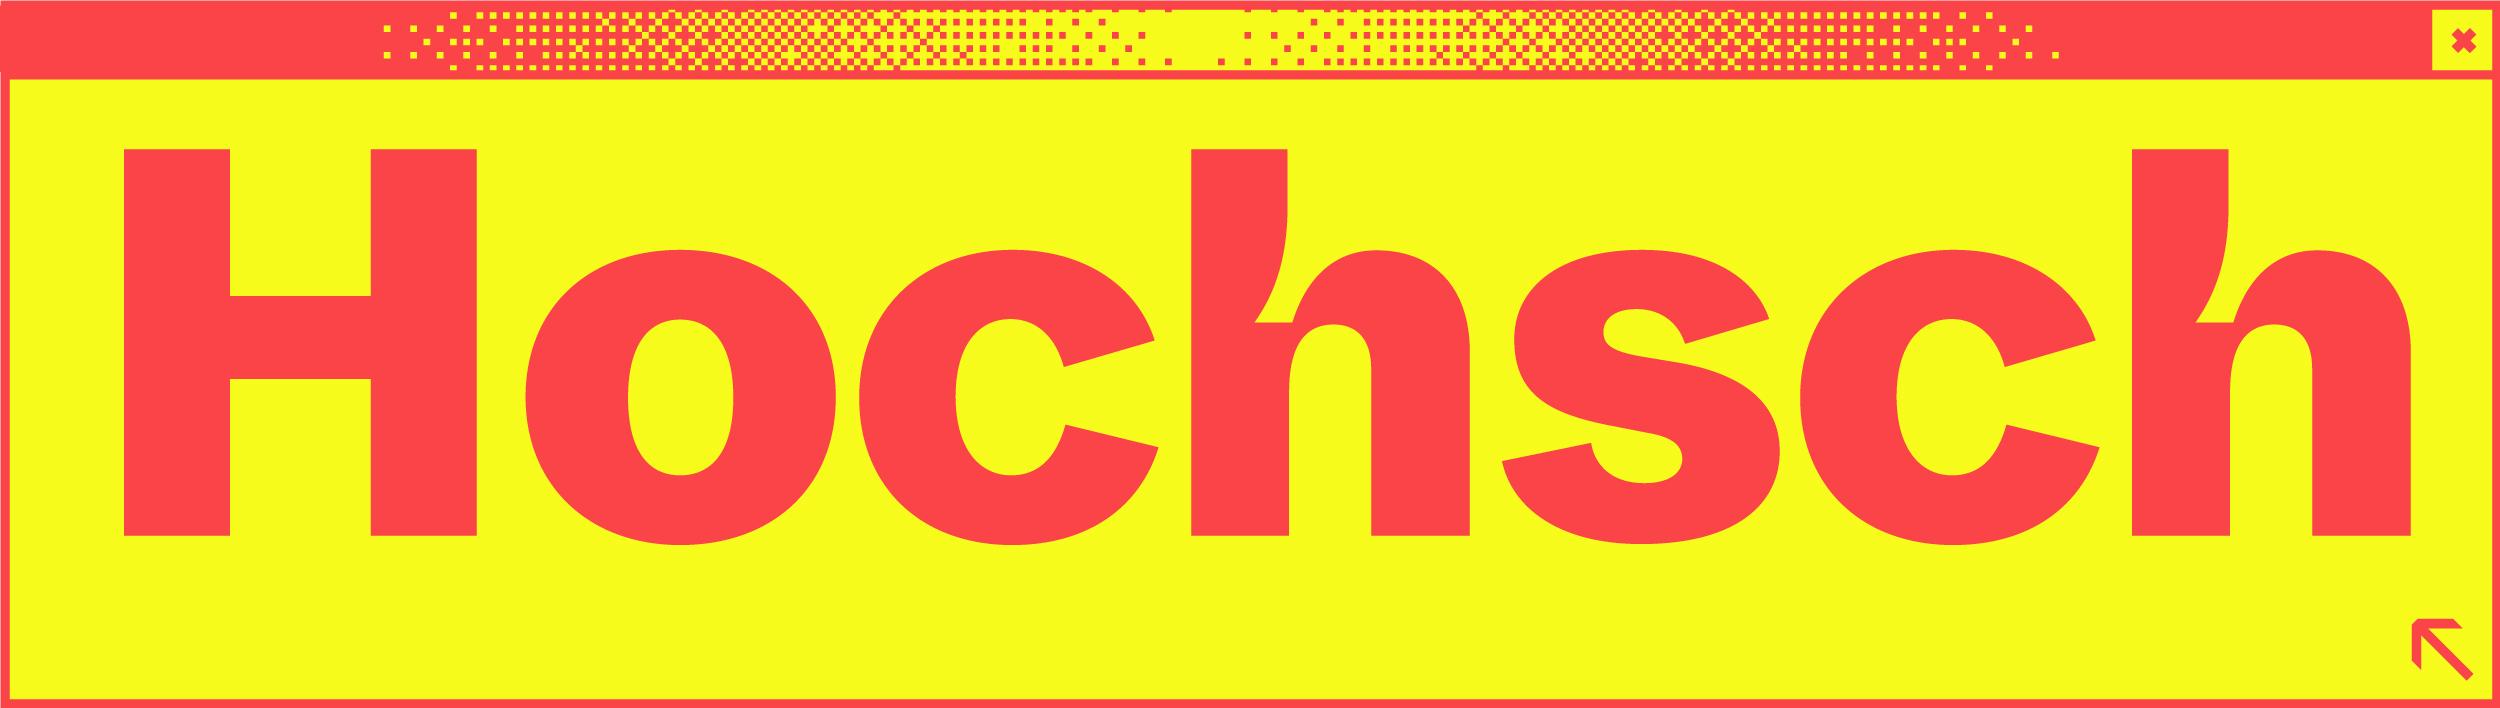 Weißes Browserfenster mit dem Wortabschnitt Hochs in der Mitte